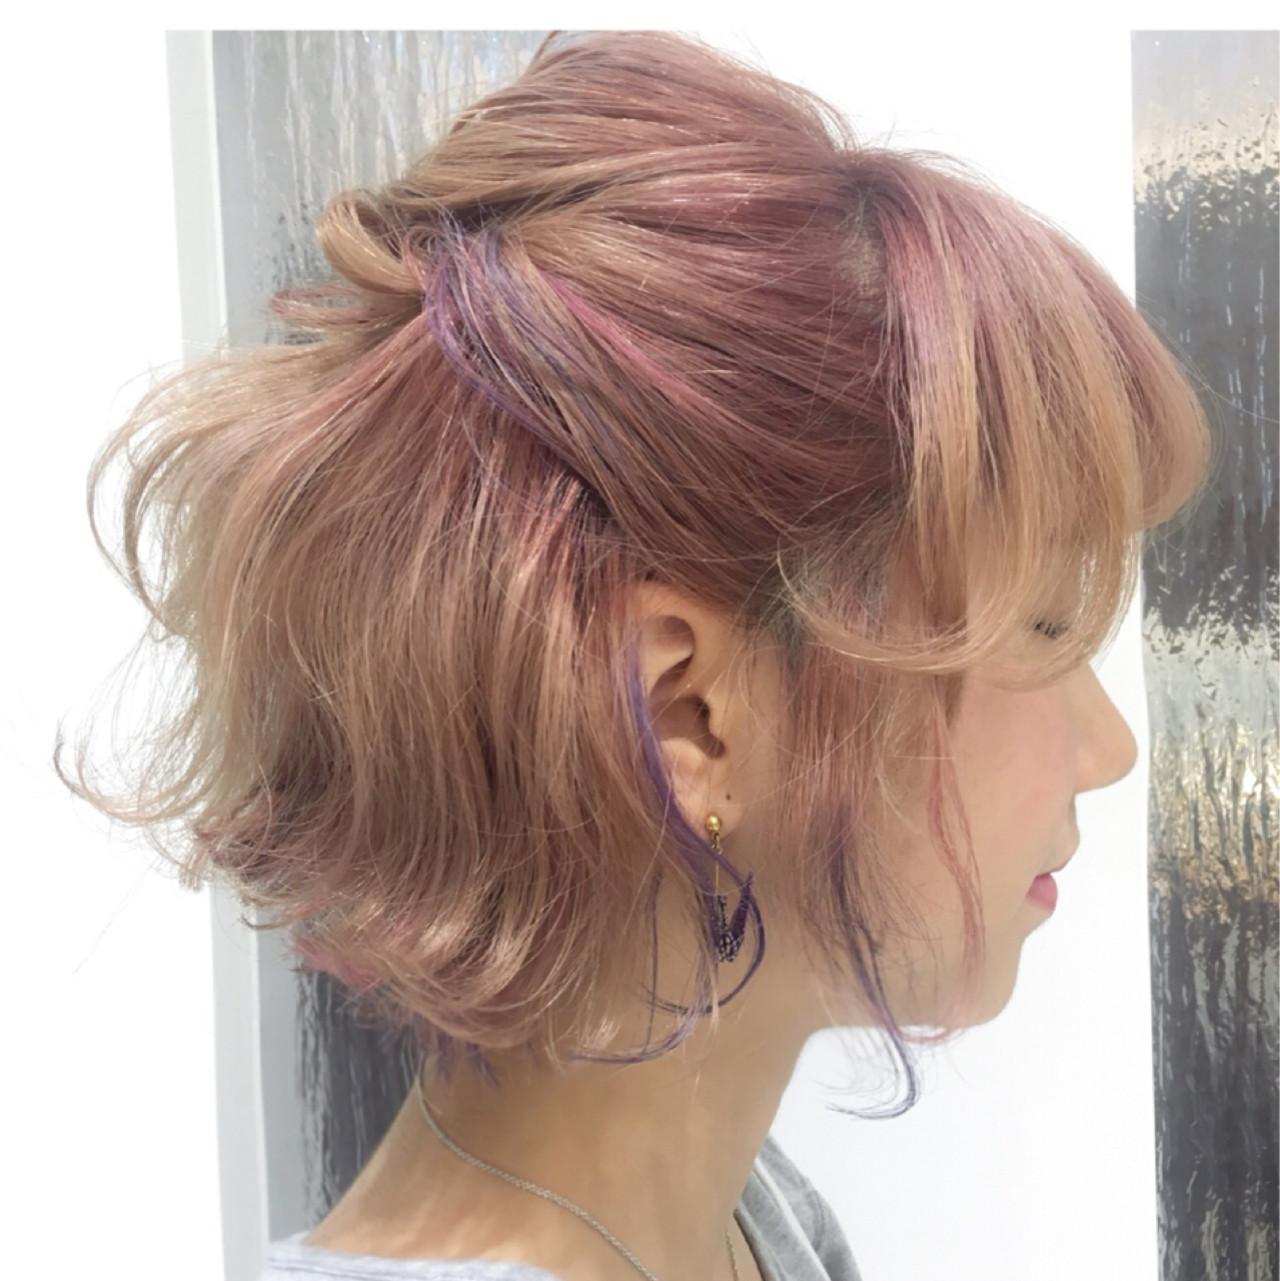 ストリート 簡単ヘアアレンジ インナーカラー 色気 ヘアスタイルや髪型の写真・画像 | 柳平 真由佳 / レブリィゼンコー多摩平の森店